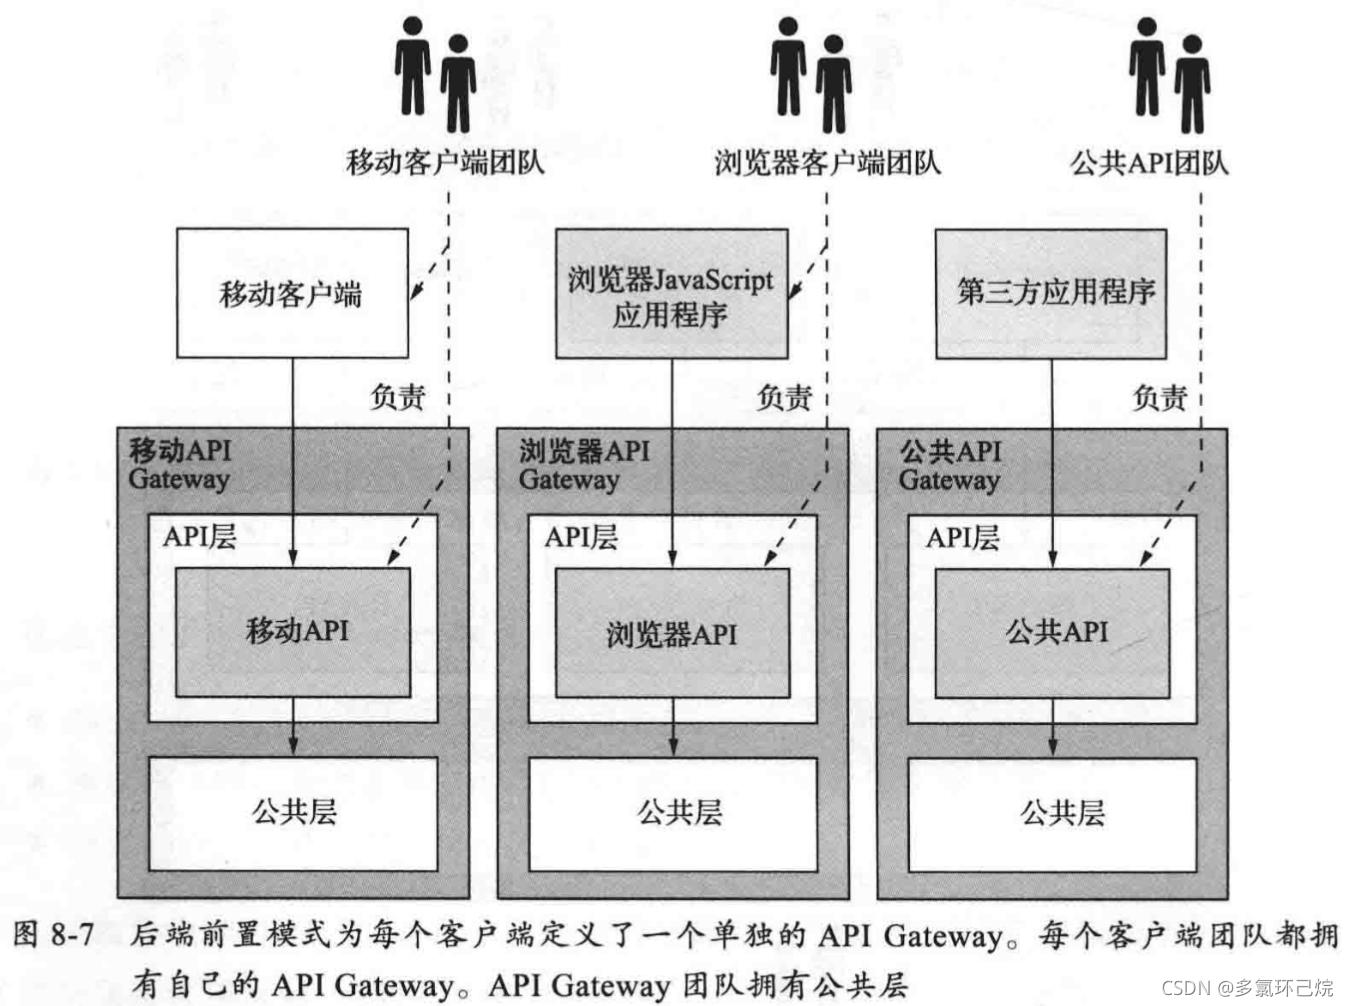 API Gateway的後端前置模式